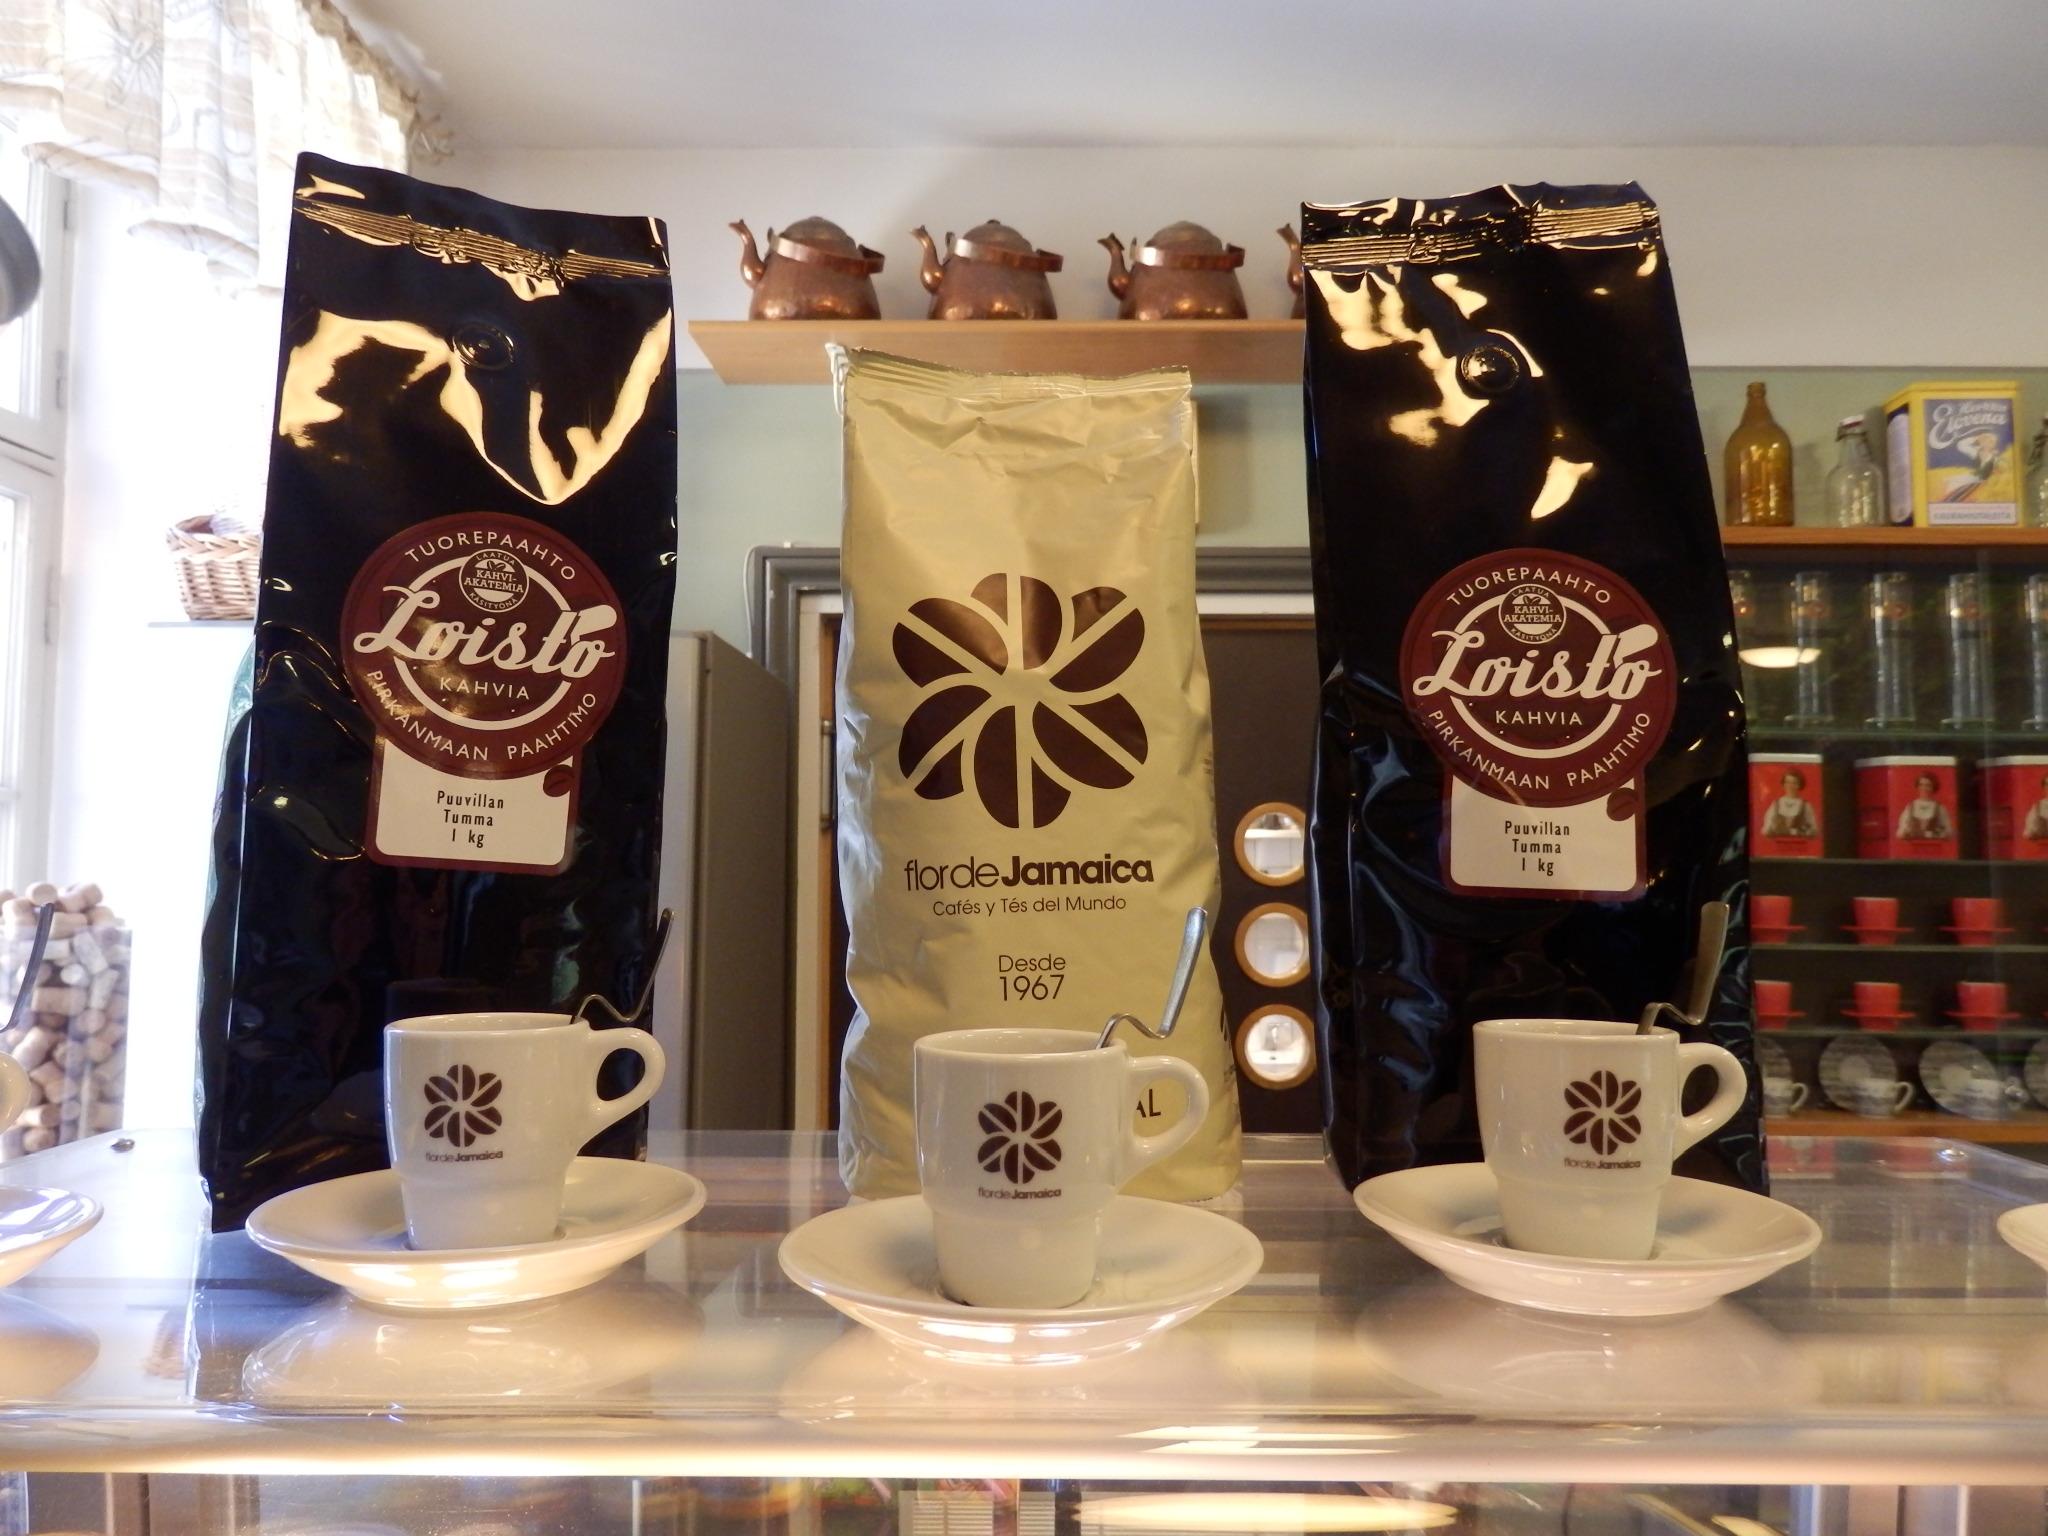 Lounas-Cateringpalvelu Kahden Kölvin kahvilatiskin päälle on koottu erilaisia tarjolla olevia kahvipapuja ja kolme pientä espressokuppia.